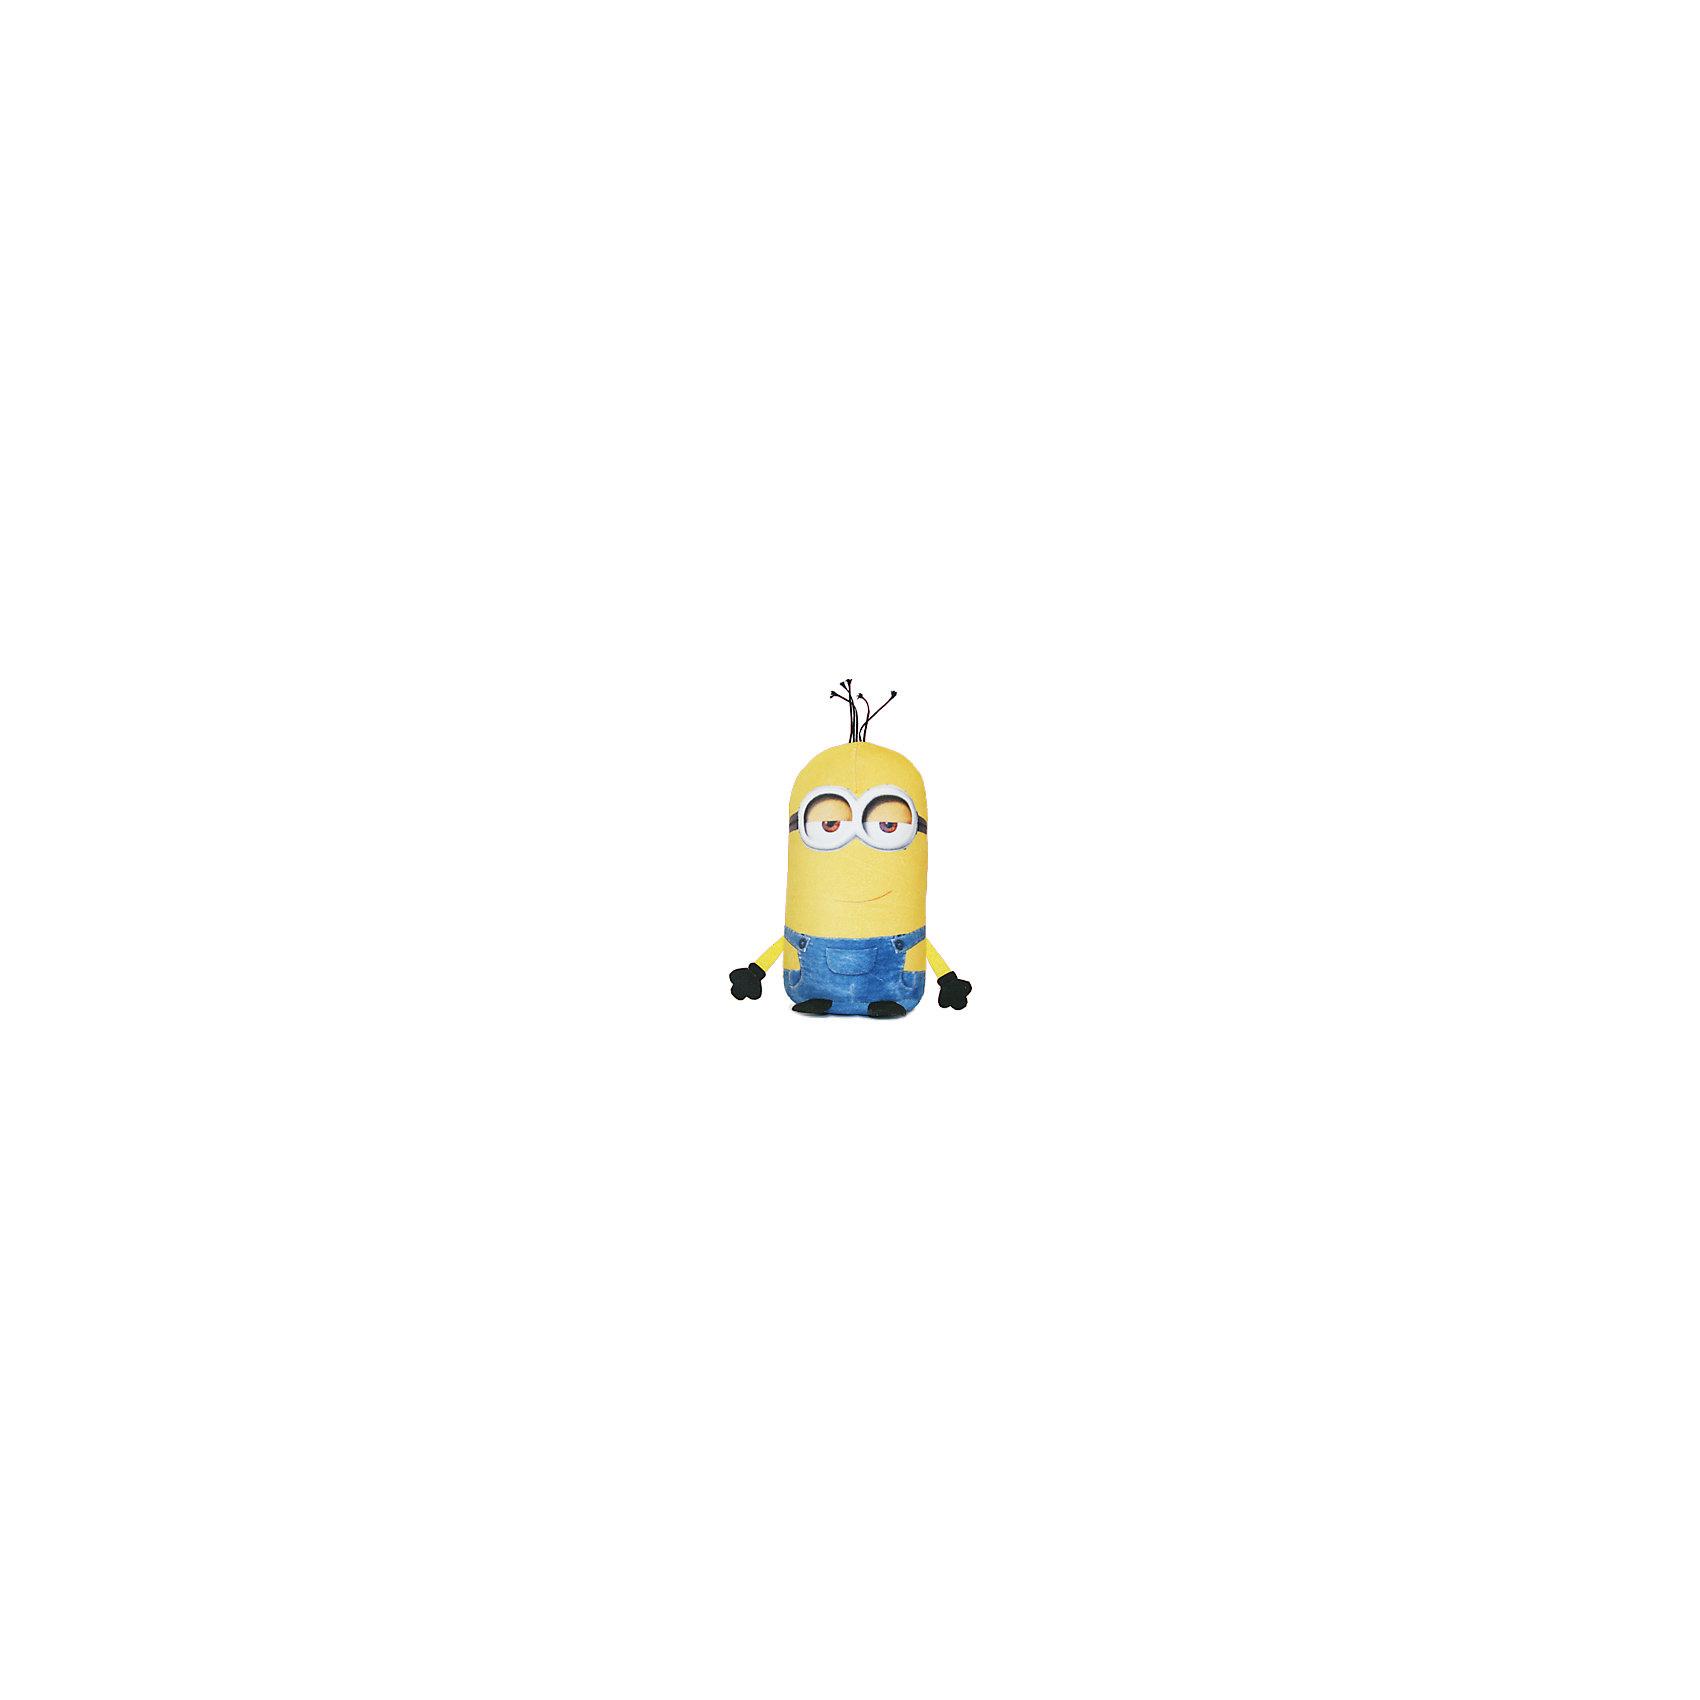 Подушка-антистресс Кевин 20 см, МиньоныМиньоны<br>Подушка-антистресс Кевин, Миньоны, порадует и поднимет настроение как детям так и взрослым. Яркая подушка выполнена в виде забавного существа миньона Кевина, персонажа популярного мультфильма Гадкий Я (Despicable Me). Основное достоинство подушки - это<br>осязательный массаж с эффектом релаксации. Гладкая поверхность подушки изготовлена из эластичного прочного трикотажа, а внутри находятся мельчайшие гранулы полистирола, благодаря которым она всегда будет легкой, упругой и приятной на ощупь. Подушку можно мять и<br>сжимать, но она неизменно возвращает себе первоначальную форму. Можно стирать в стиральной машинке в специальном мешке для одежды.  <br><br><br>Дополнительная информация:<br><br>- Материал: внешний материал - трикотаж, полиэстер, наполнитель - полистирол.<br>- Высота: 20 см.<br>- Размер упаковки: 11 х 19 х 20 см.<br>- Вес: 70 гр.<br> <br>Подушку-антистресс Кевин, СмолТойс, можно купить в нашем интернет-магазине.<br><br>Ширина мм: 110<br>Глубина мм: 190<br>Высота мм: 200<br>Вес г: 70<br>Возраст от месяцев: 36<br>Возраст до месяцев: 2147483647<br>Пол: Унисекс<br>Возраст: Детский<br>SKU: 4148693